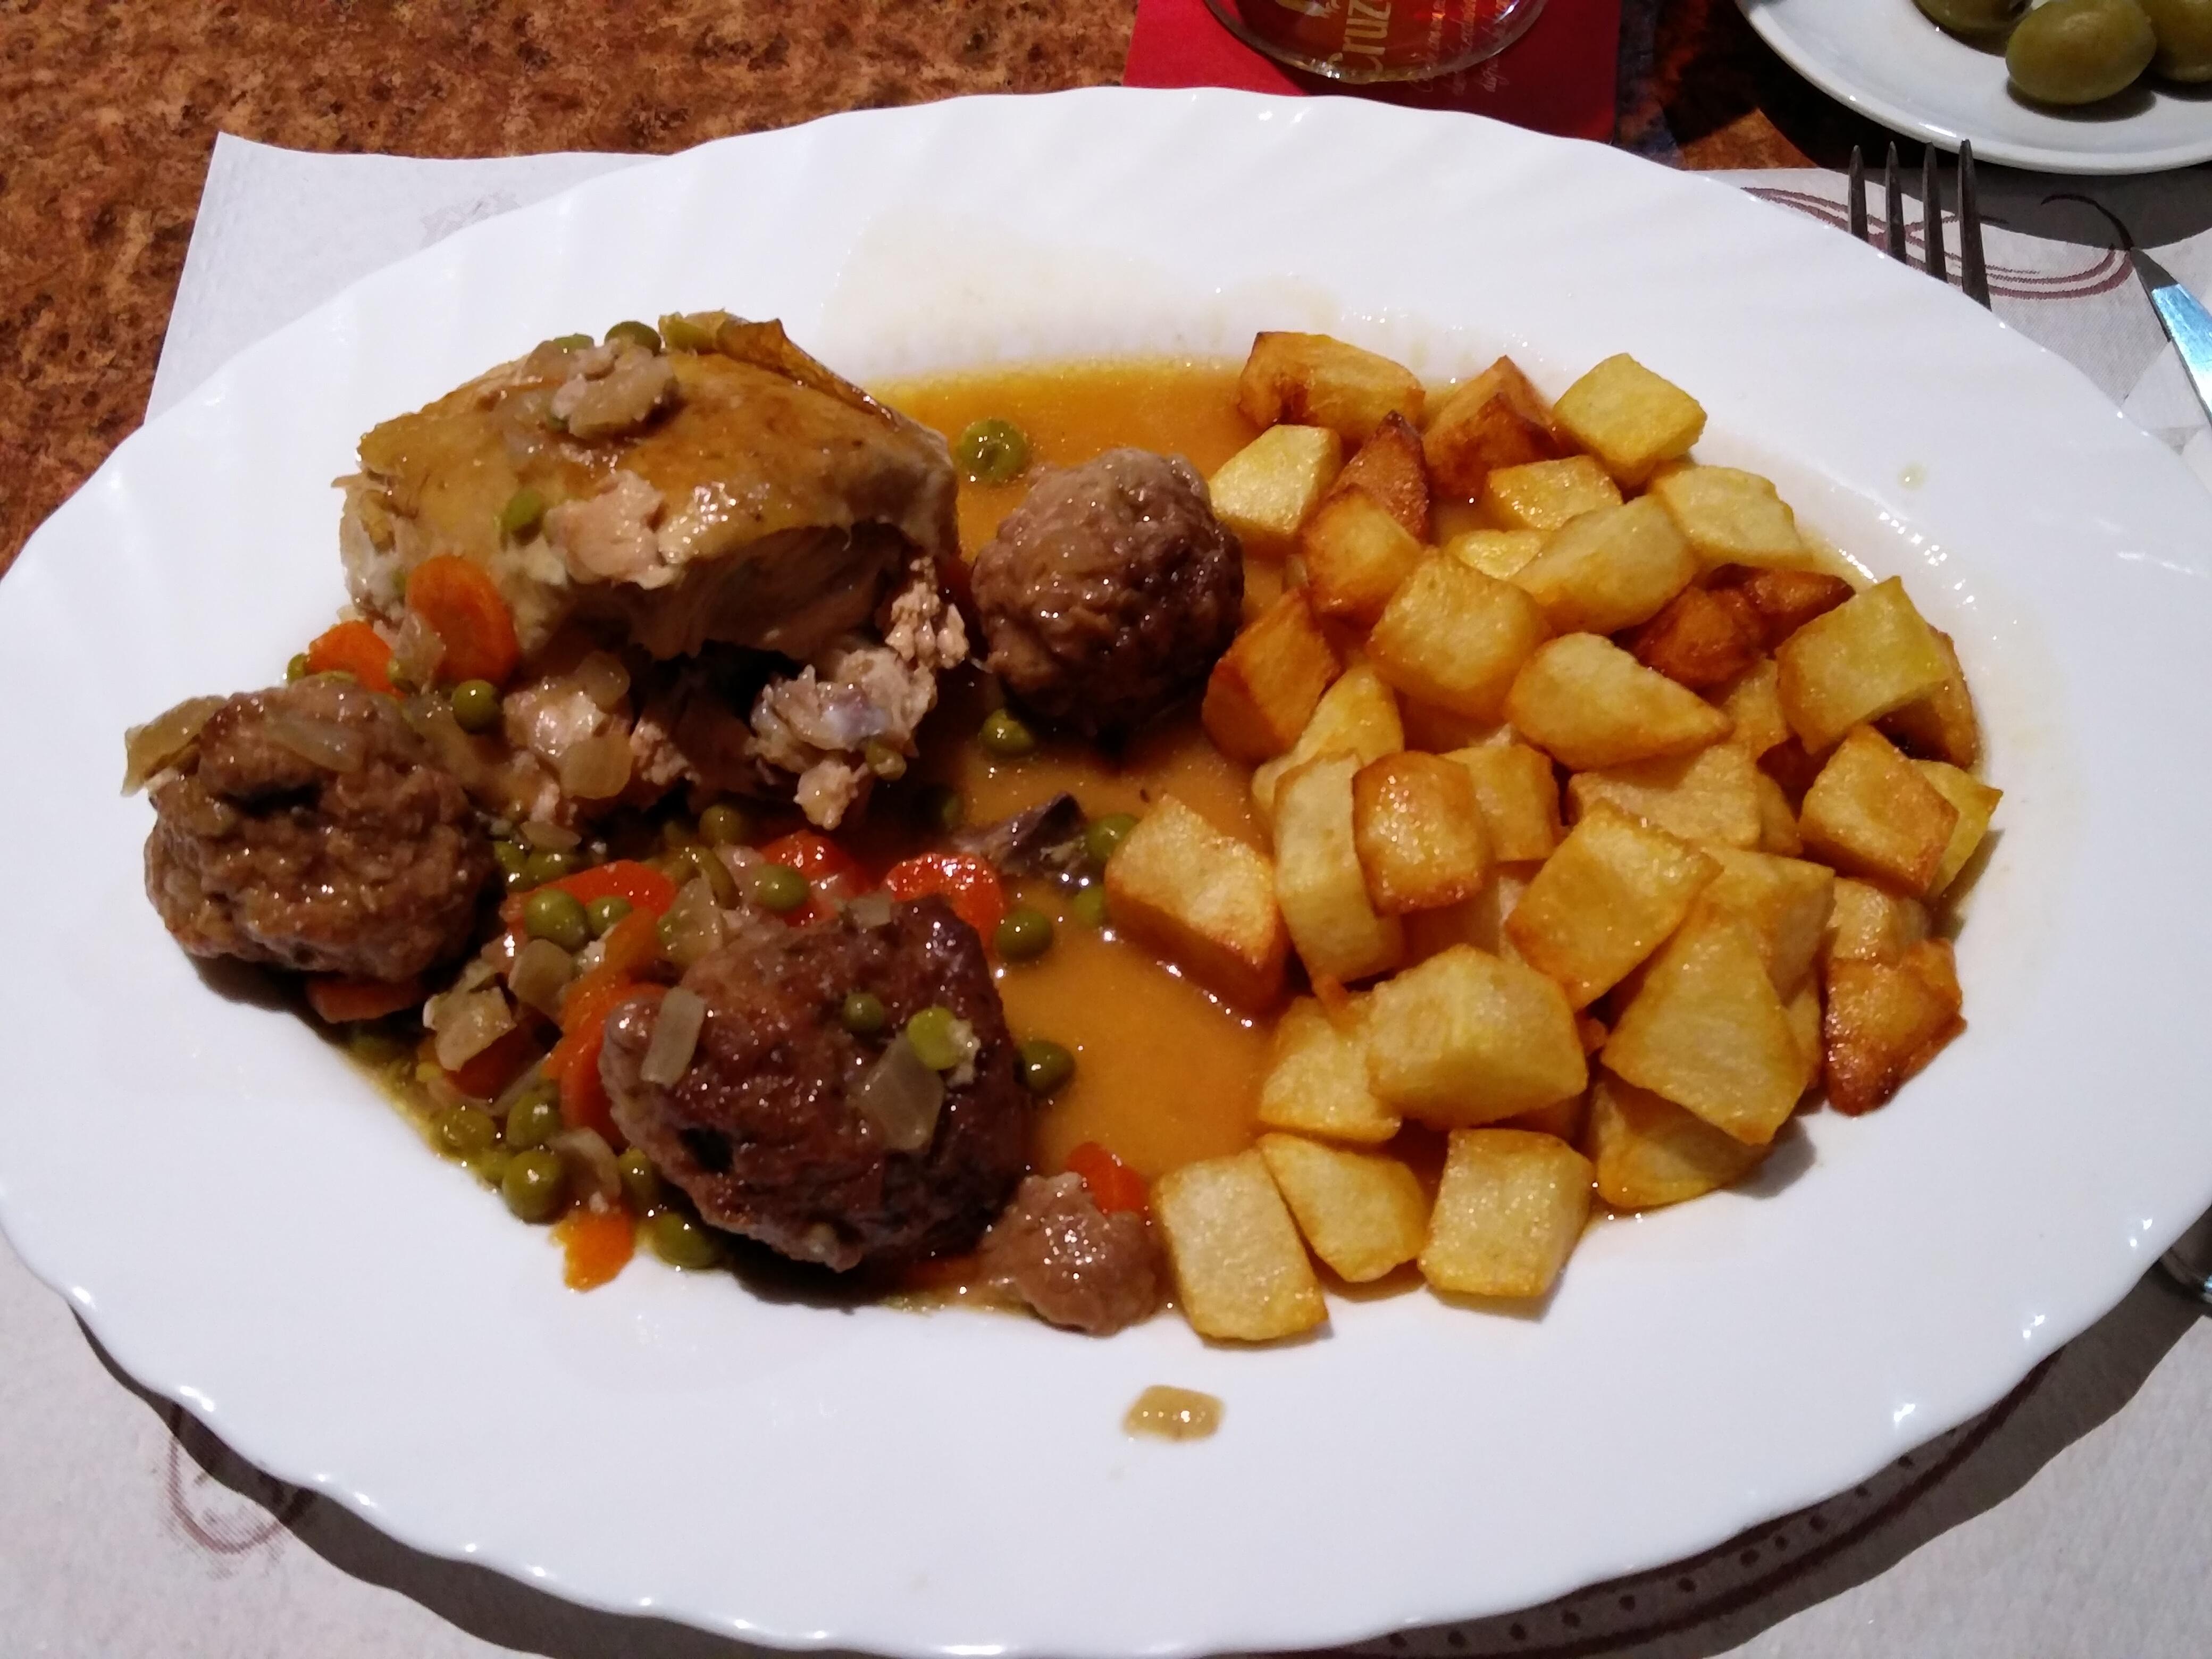 http://foodloader.net/nico_2016-10-21_haehnchen-fleischbaellchen-kartoffeln.jpg